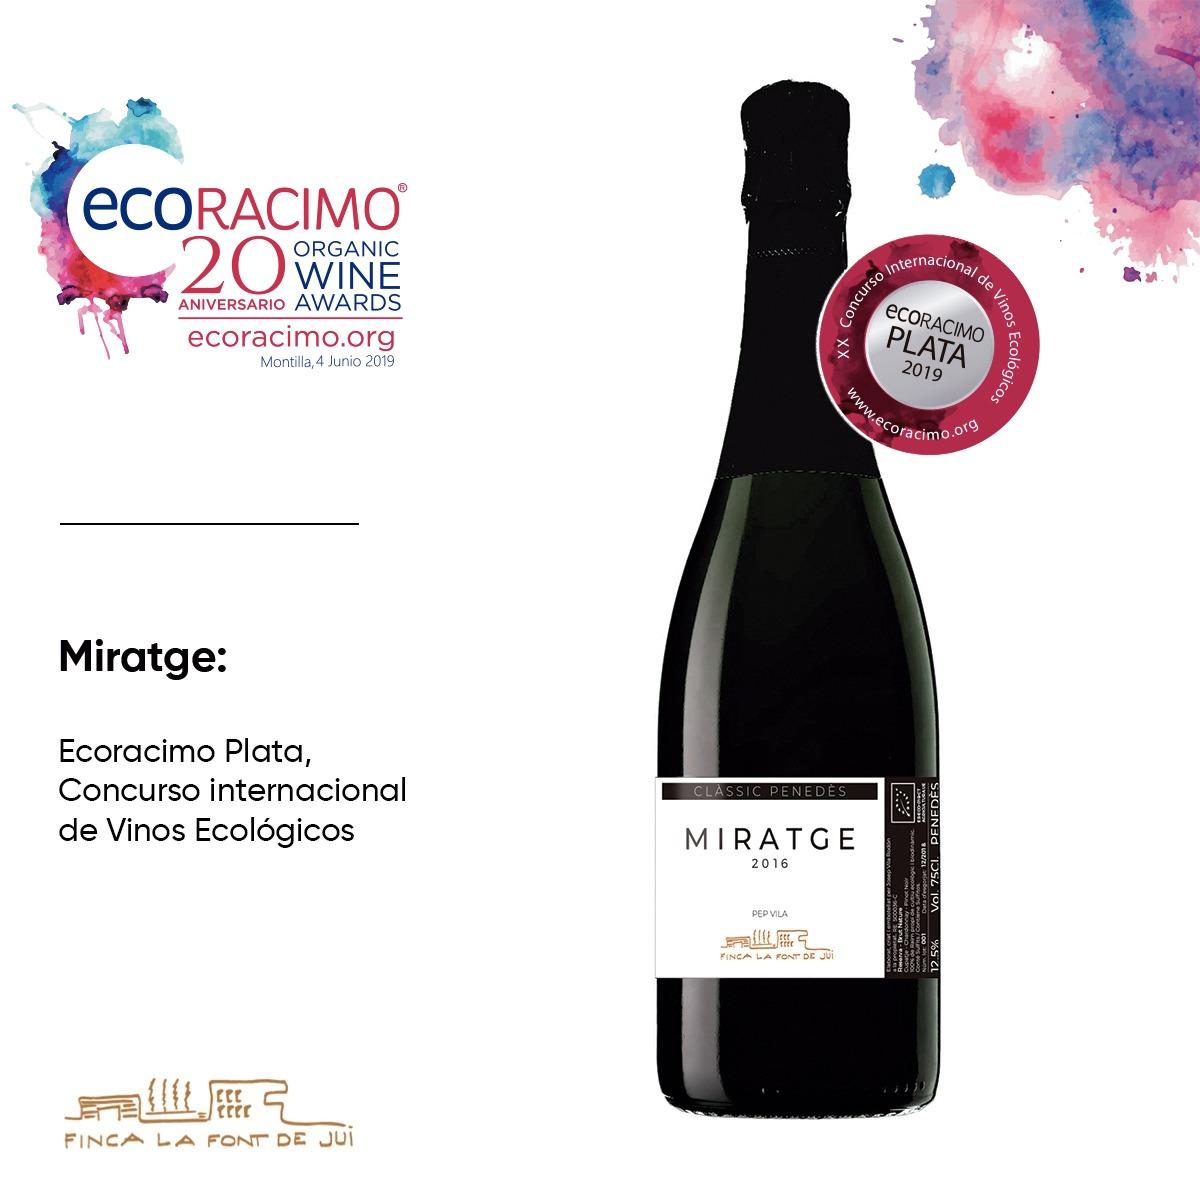 Ecoracimo Plata 2019